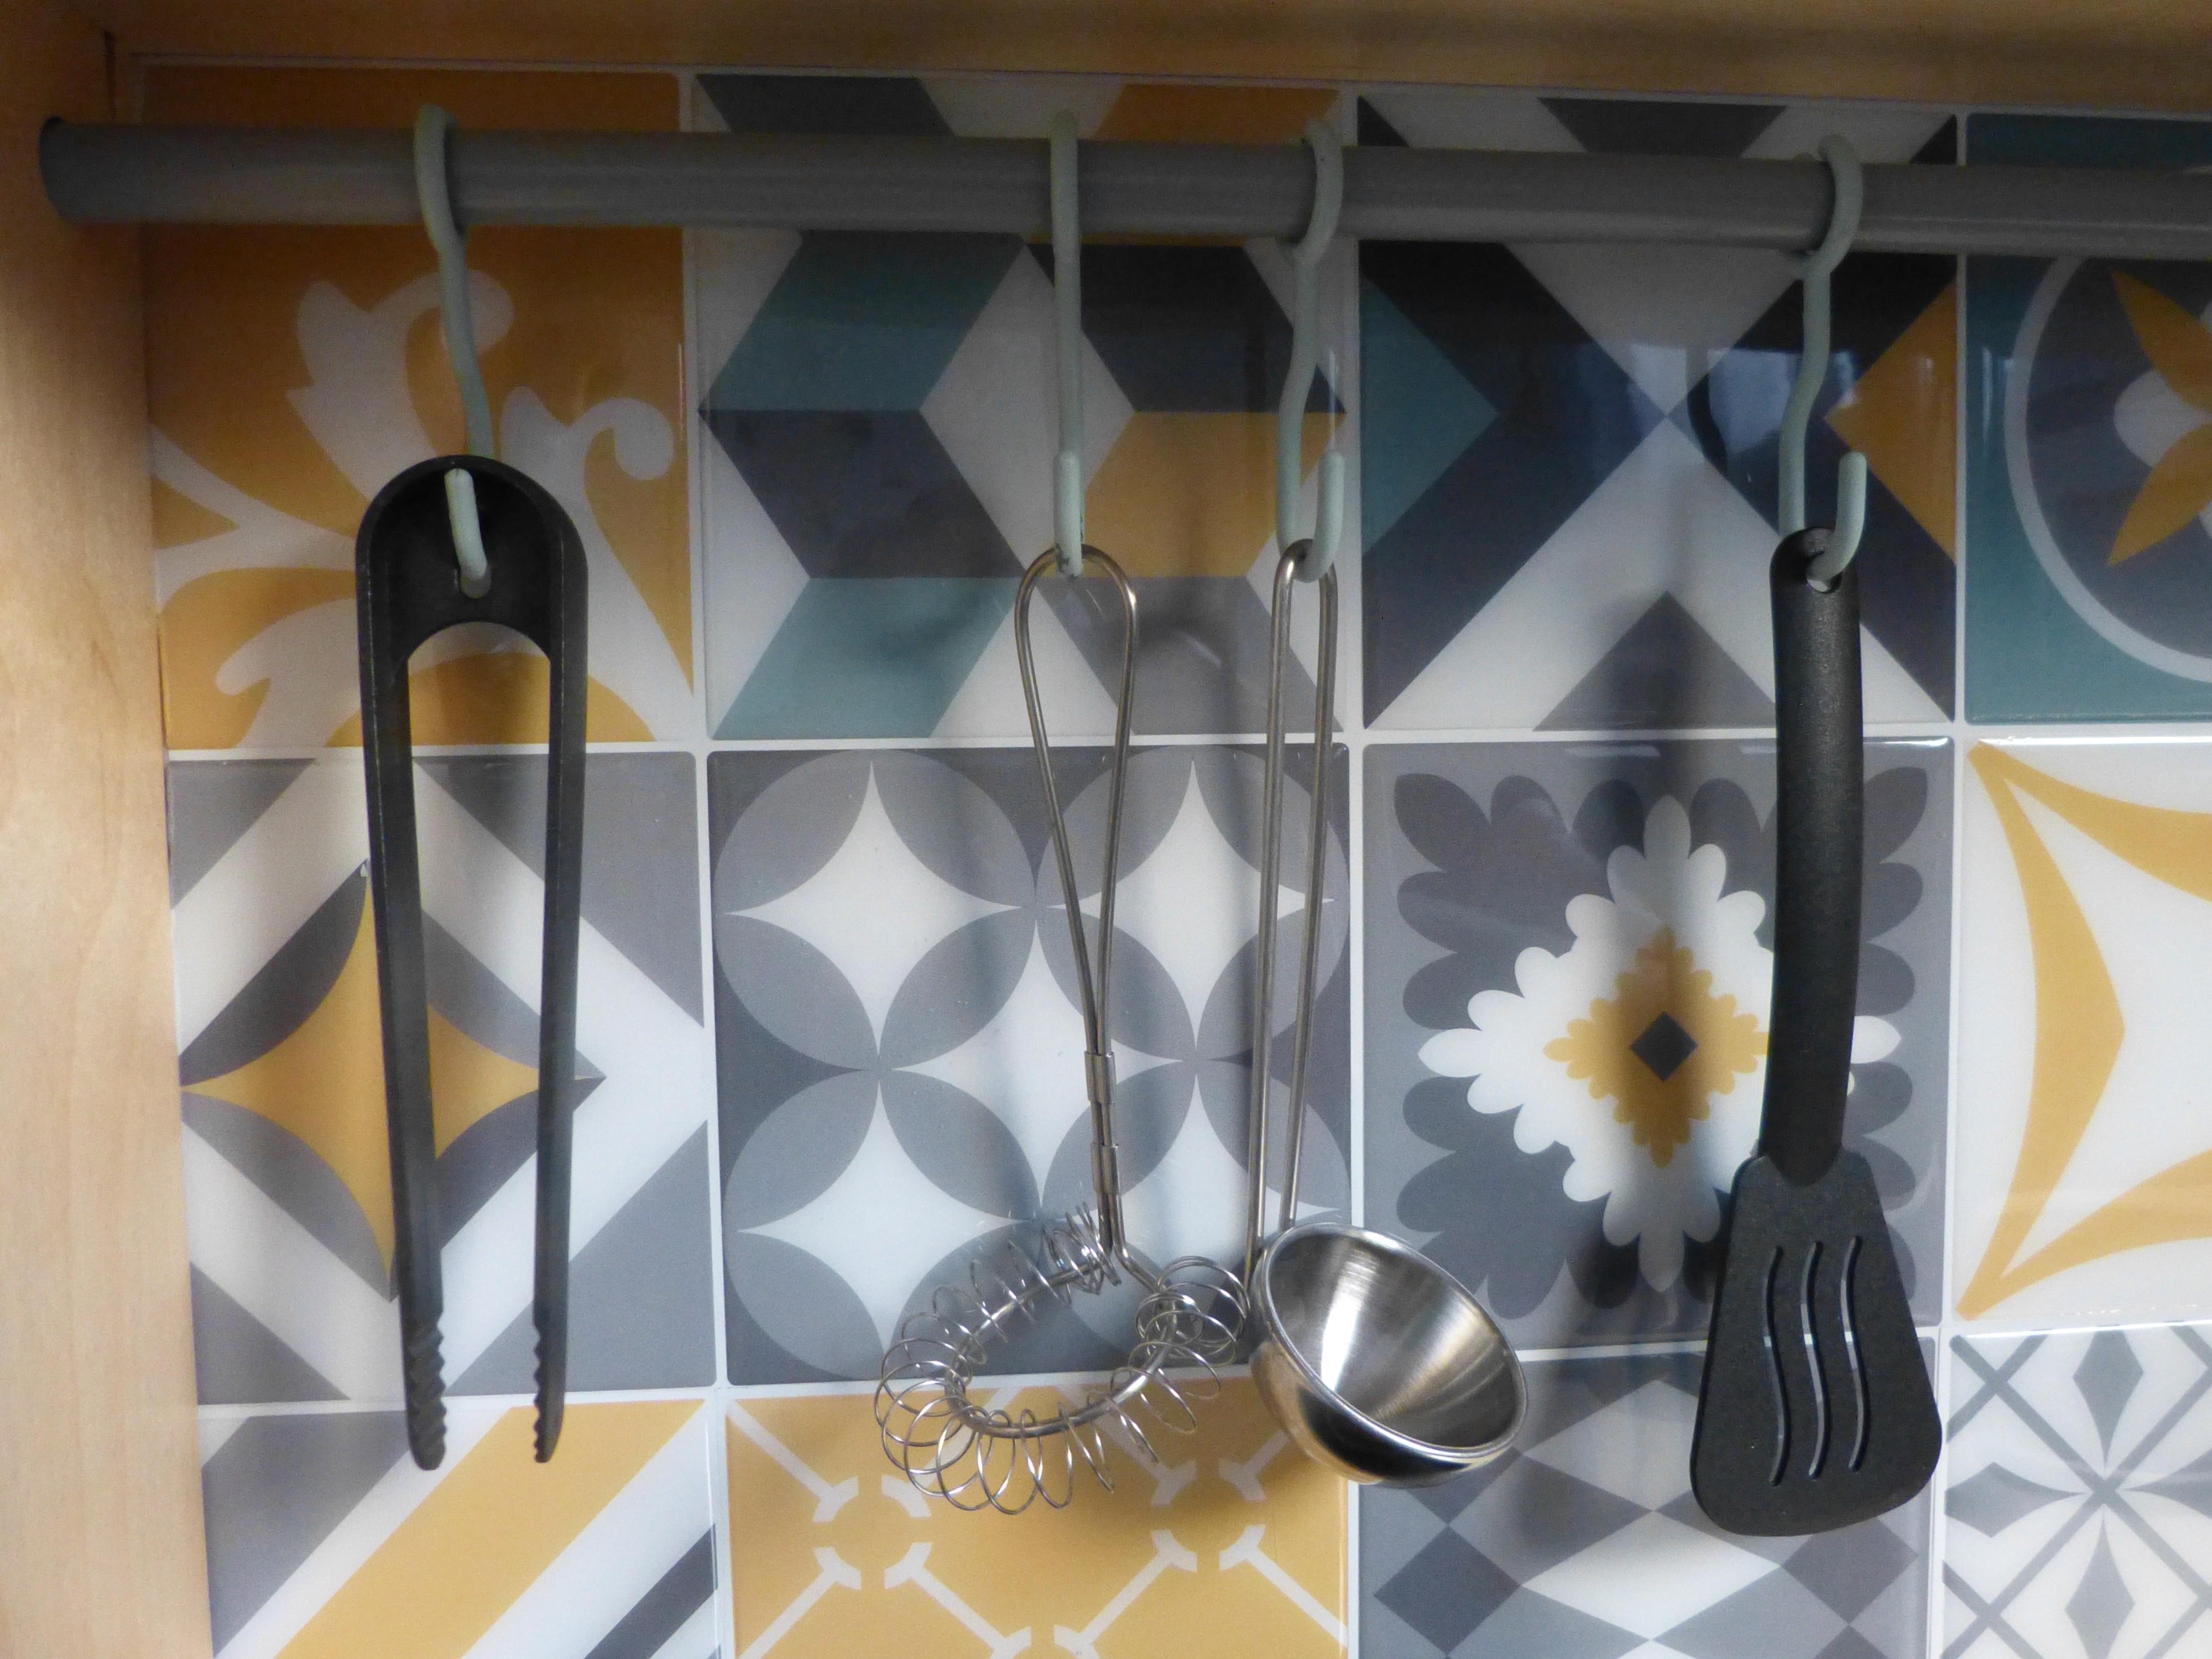 customiser ma cuisine en bois pour enfant ikea duktig. Black Bedroom Furniture Sets. Home Design Ideas